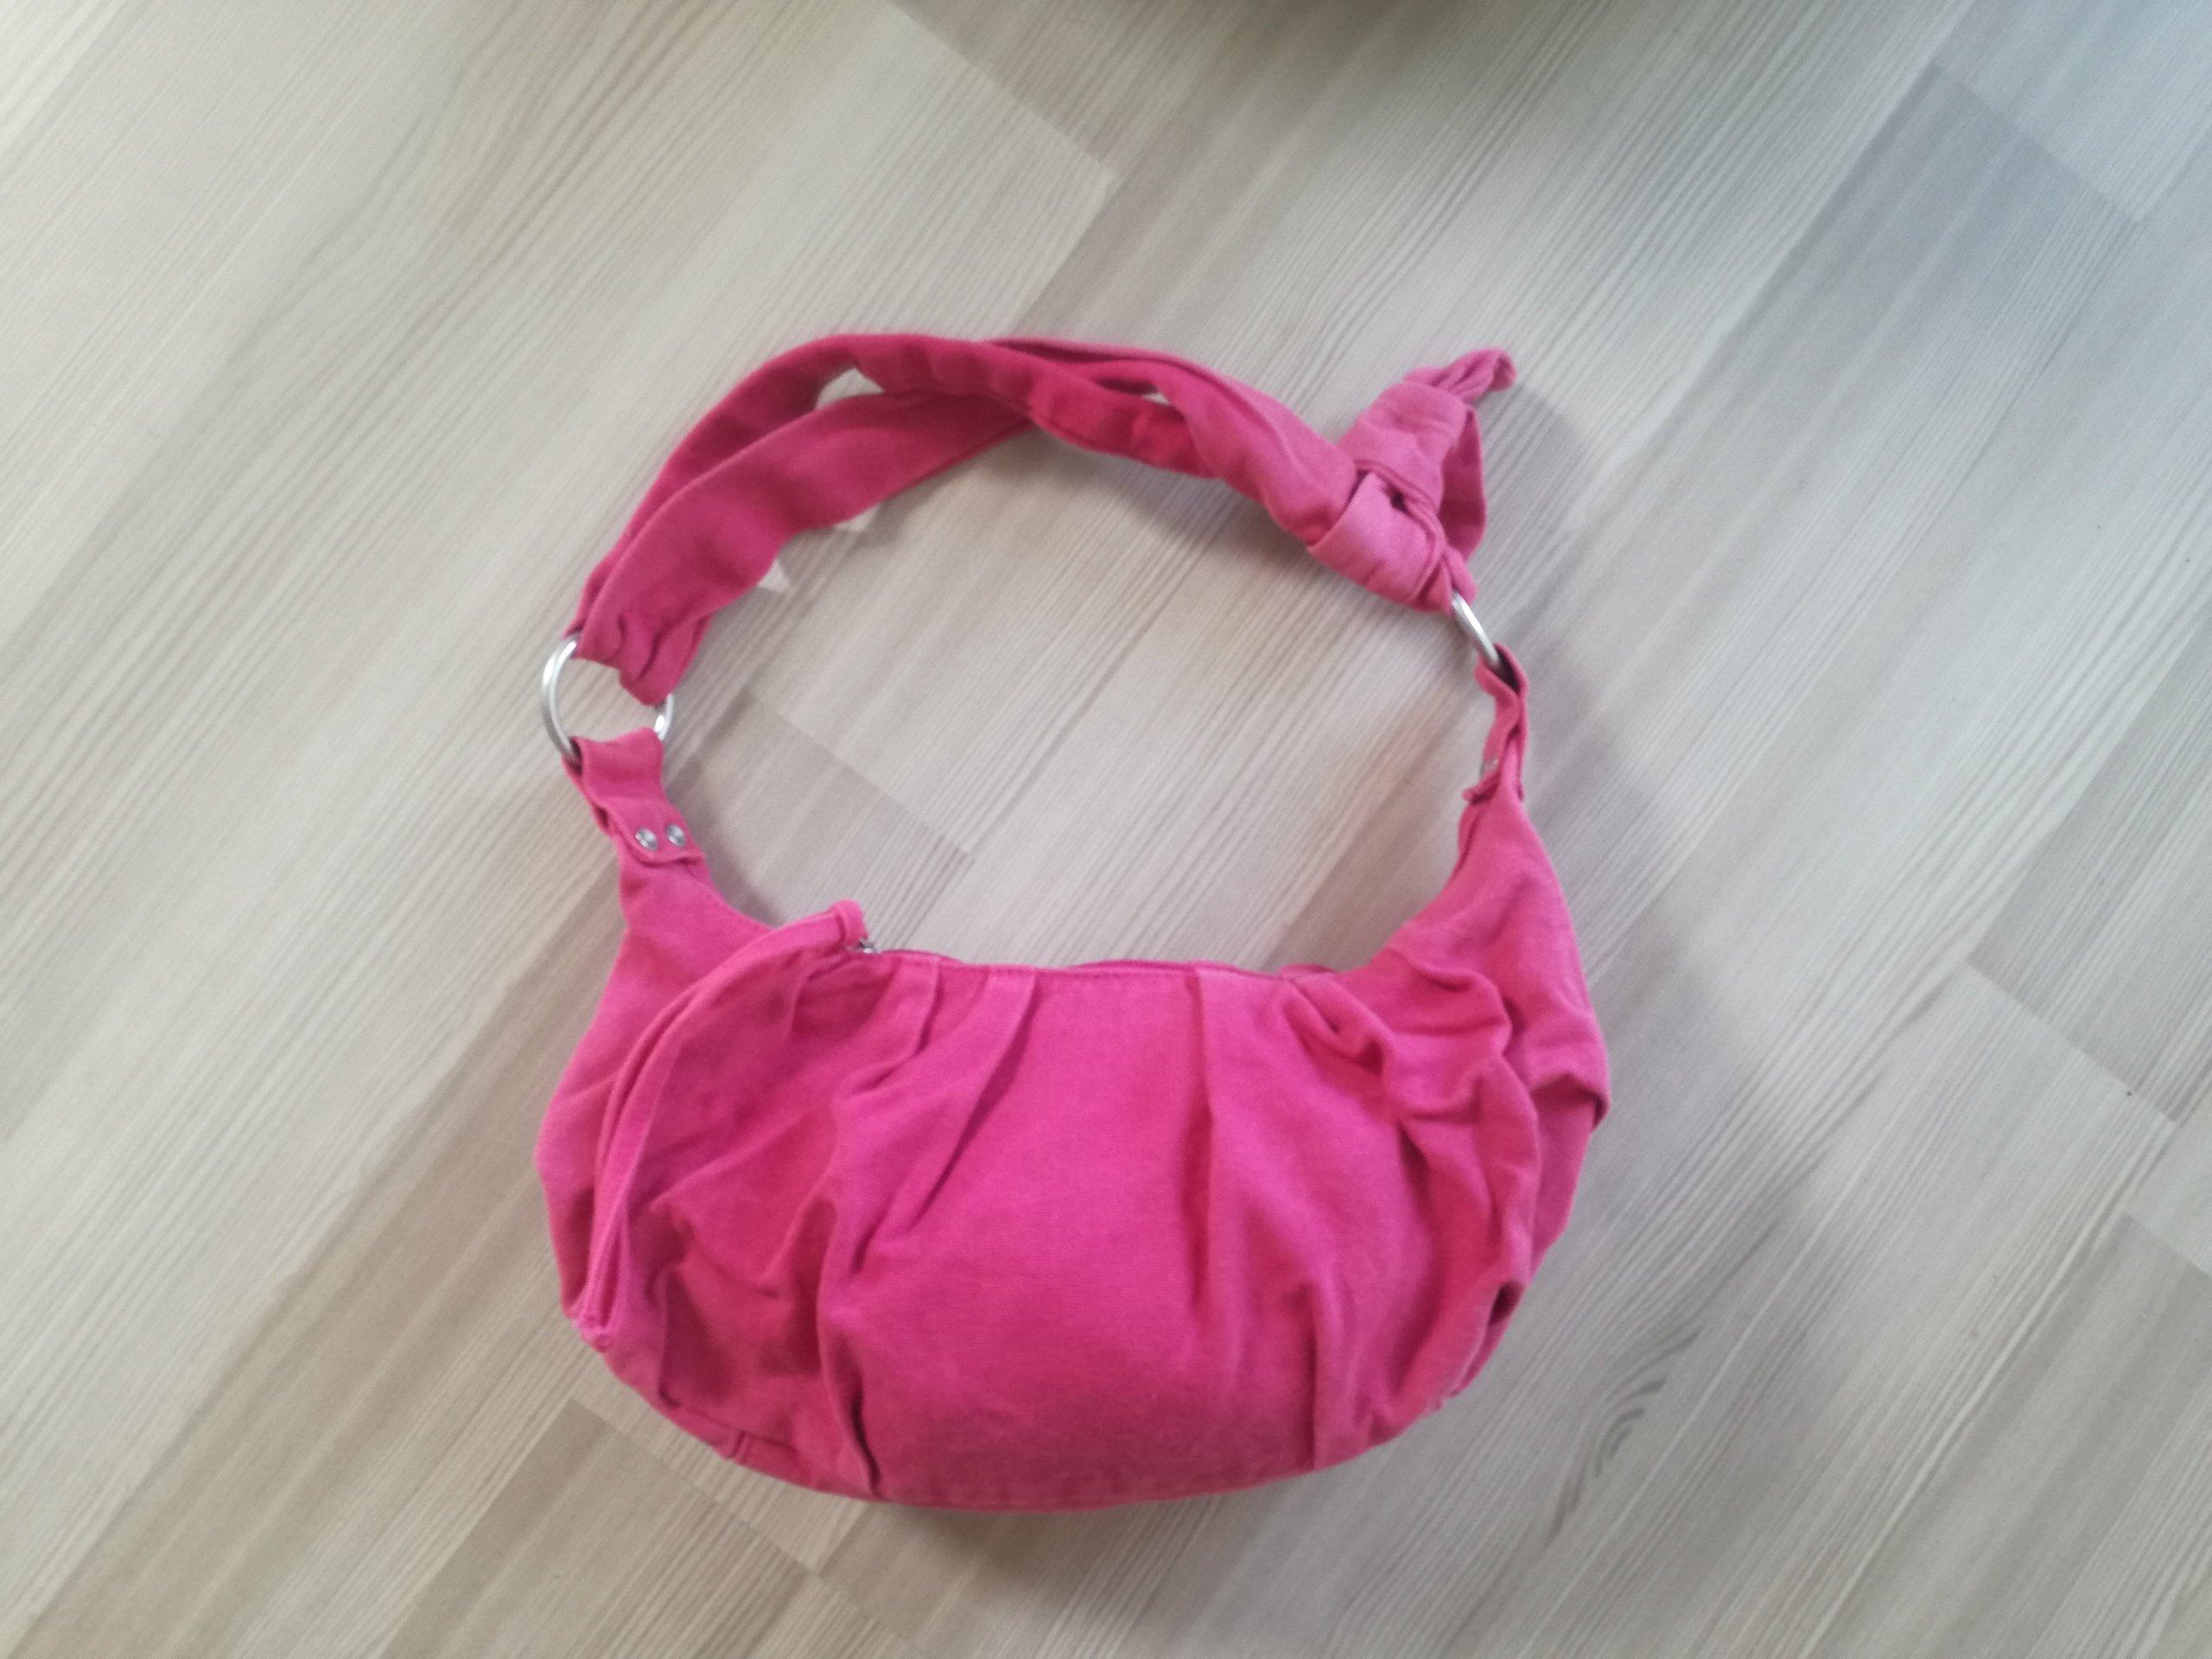 L47 Torebka Damska 3w1 Shopper Kopertówka Różowa